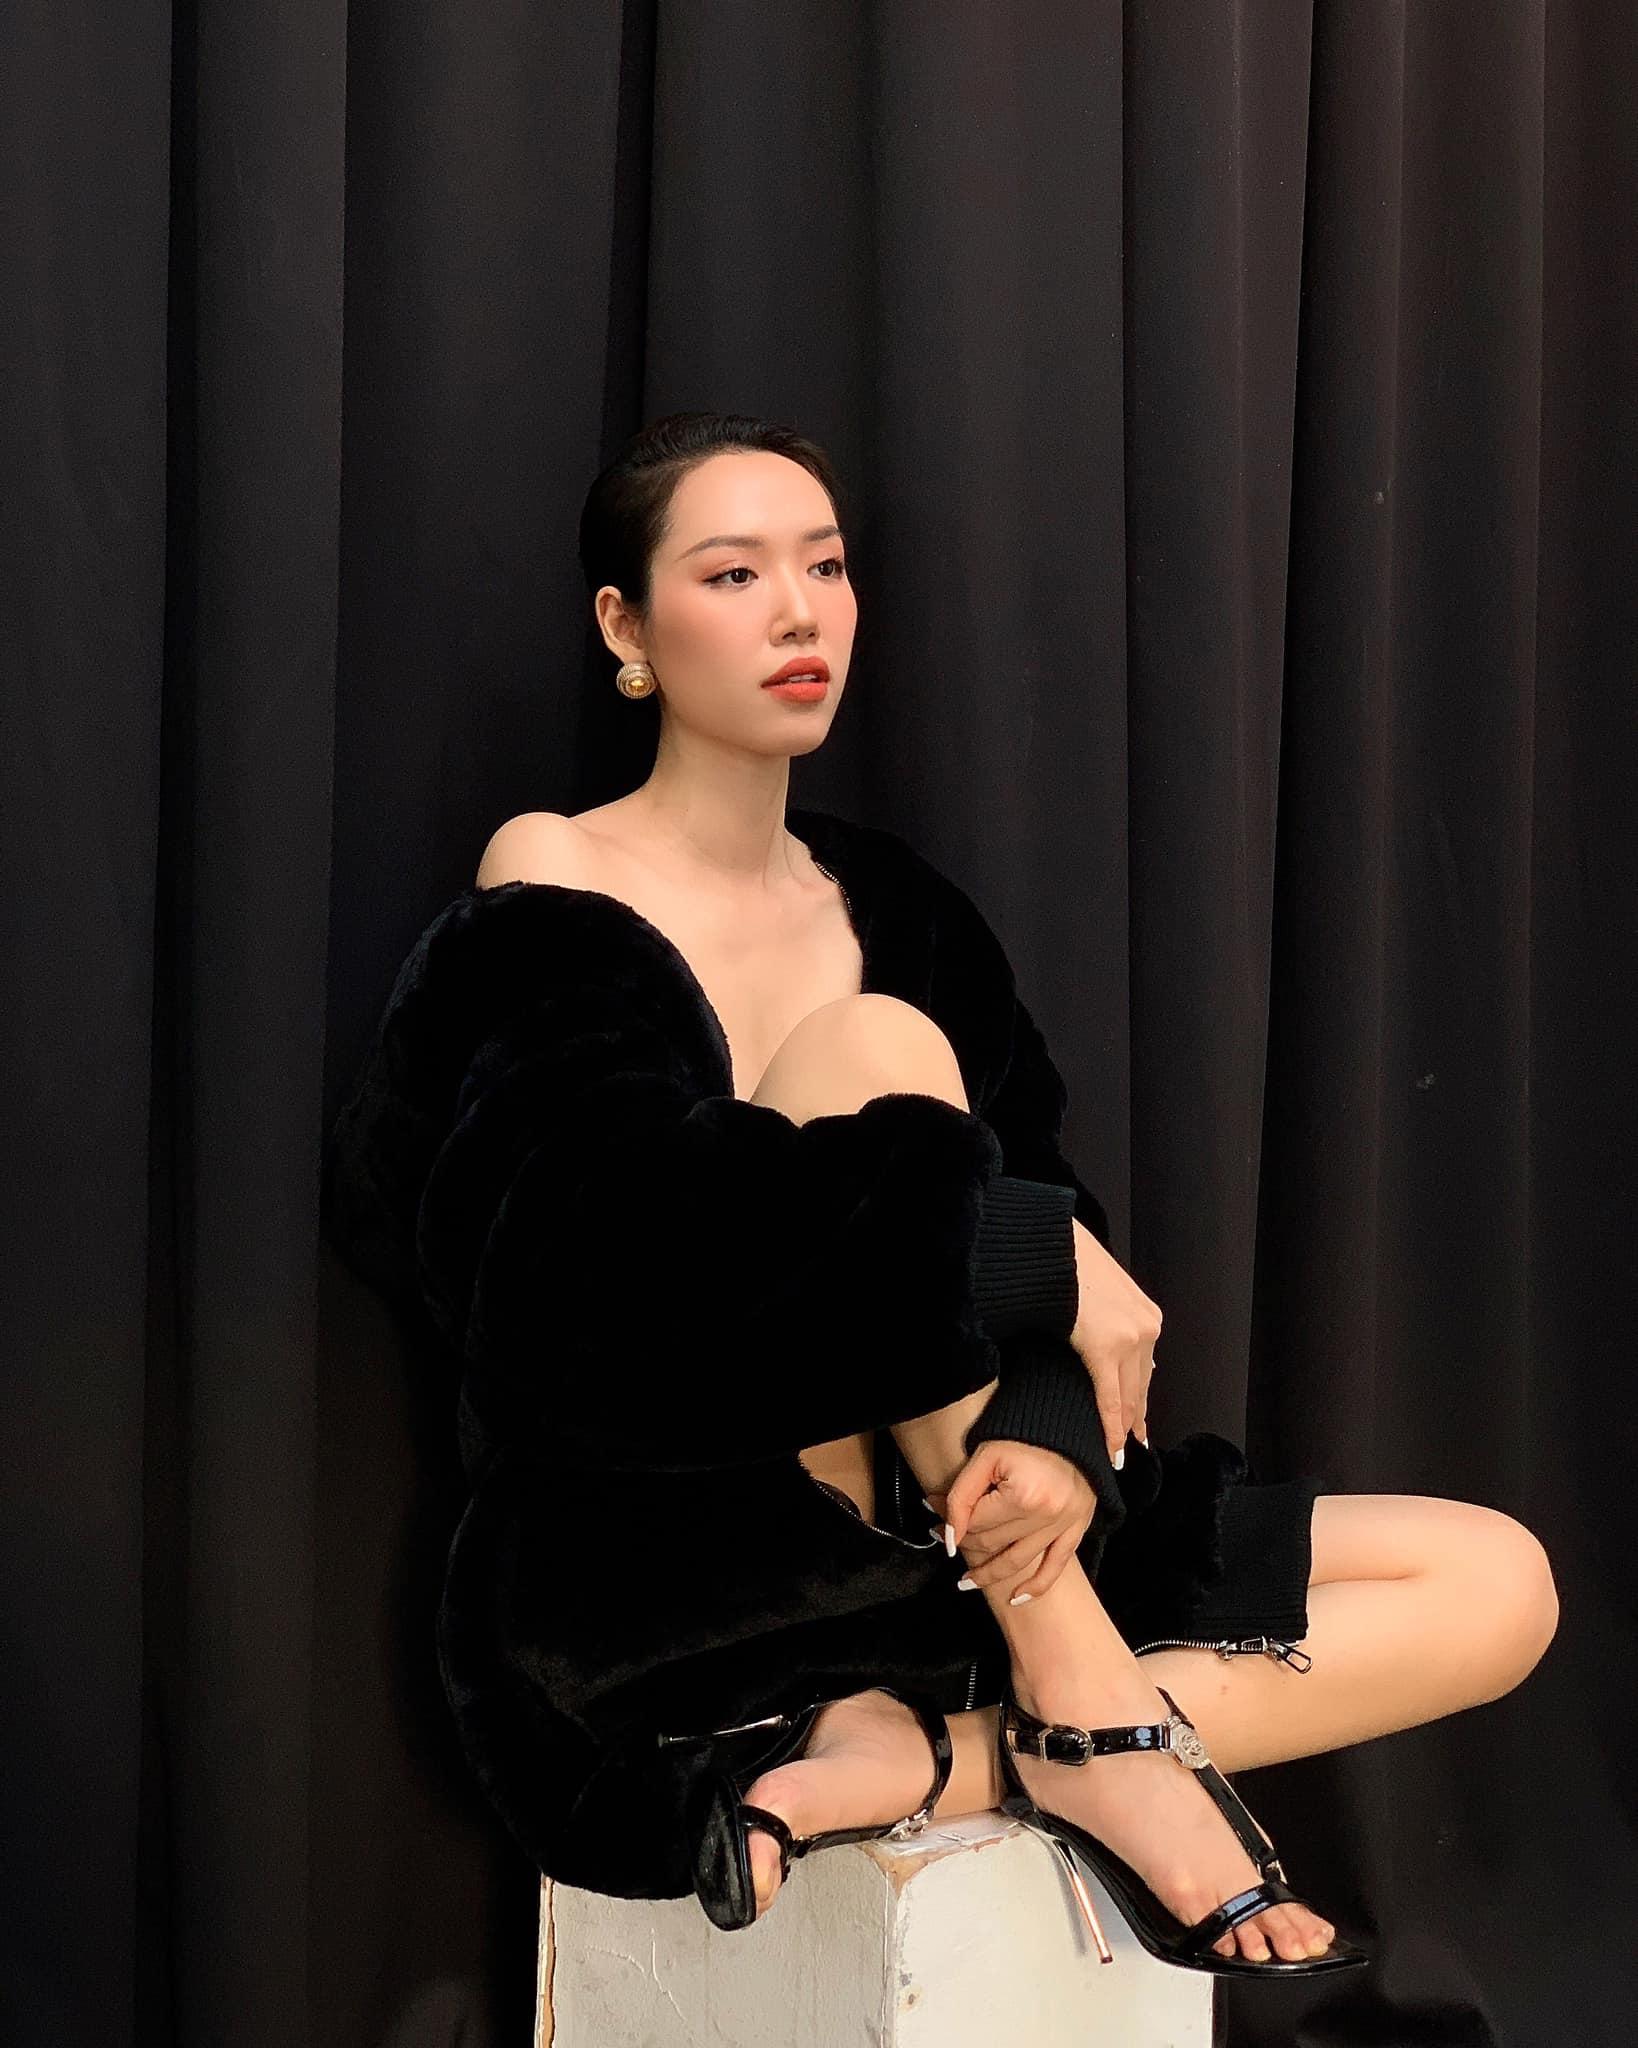 Áo yếm thiên nga lộ nửa người của nhà thiết kế có body gợi cảm nhất làng mốt Việt - 6